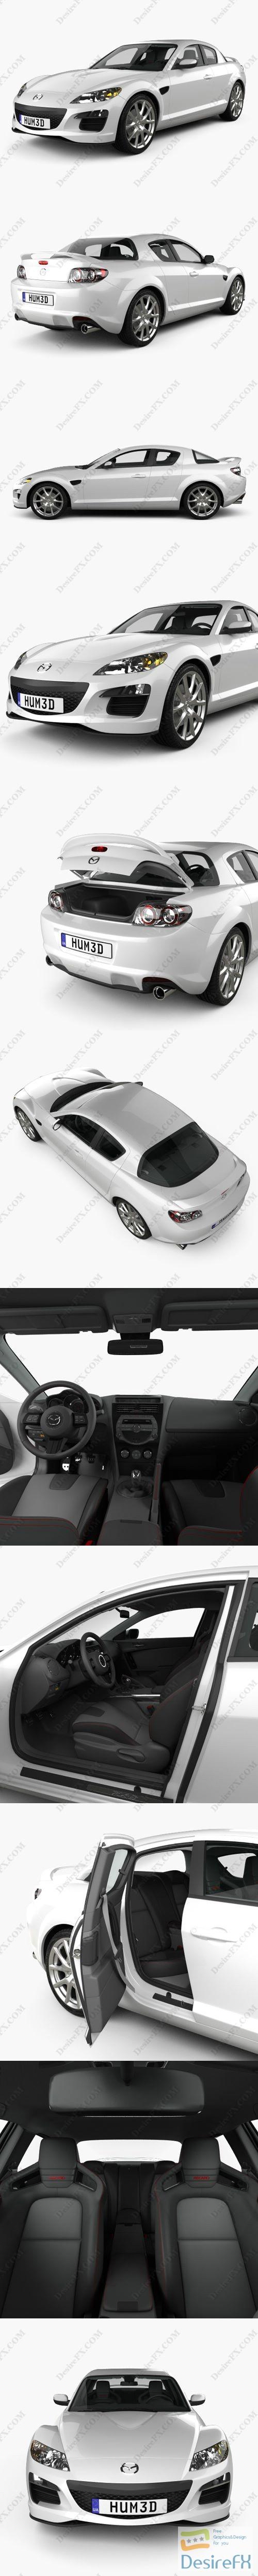 3d-models - Mazda RX-8 with HQ interior 2008 3D Model